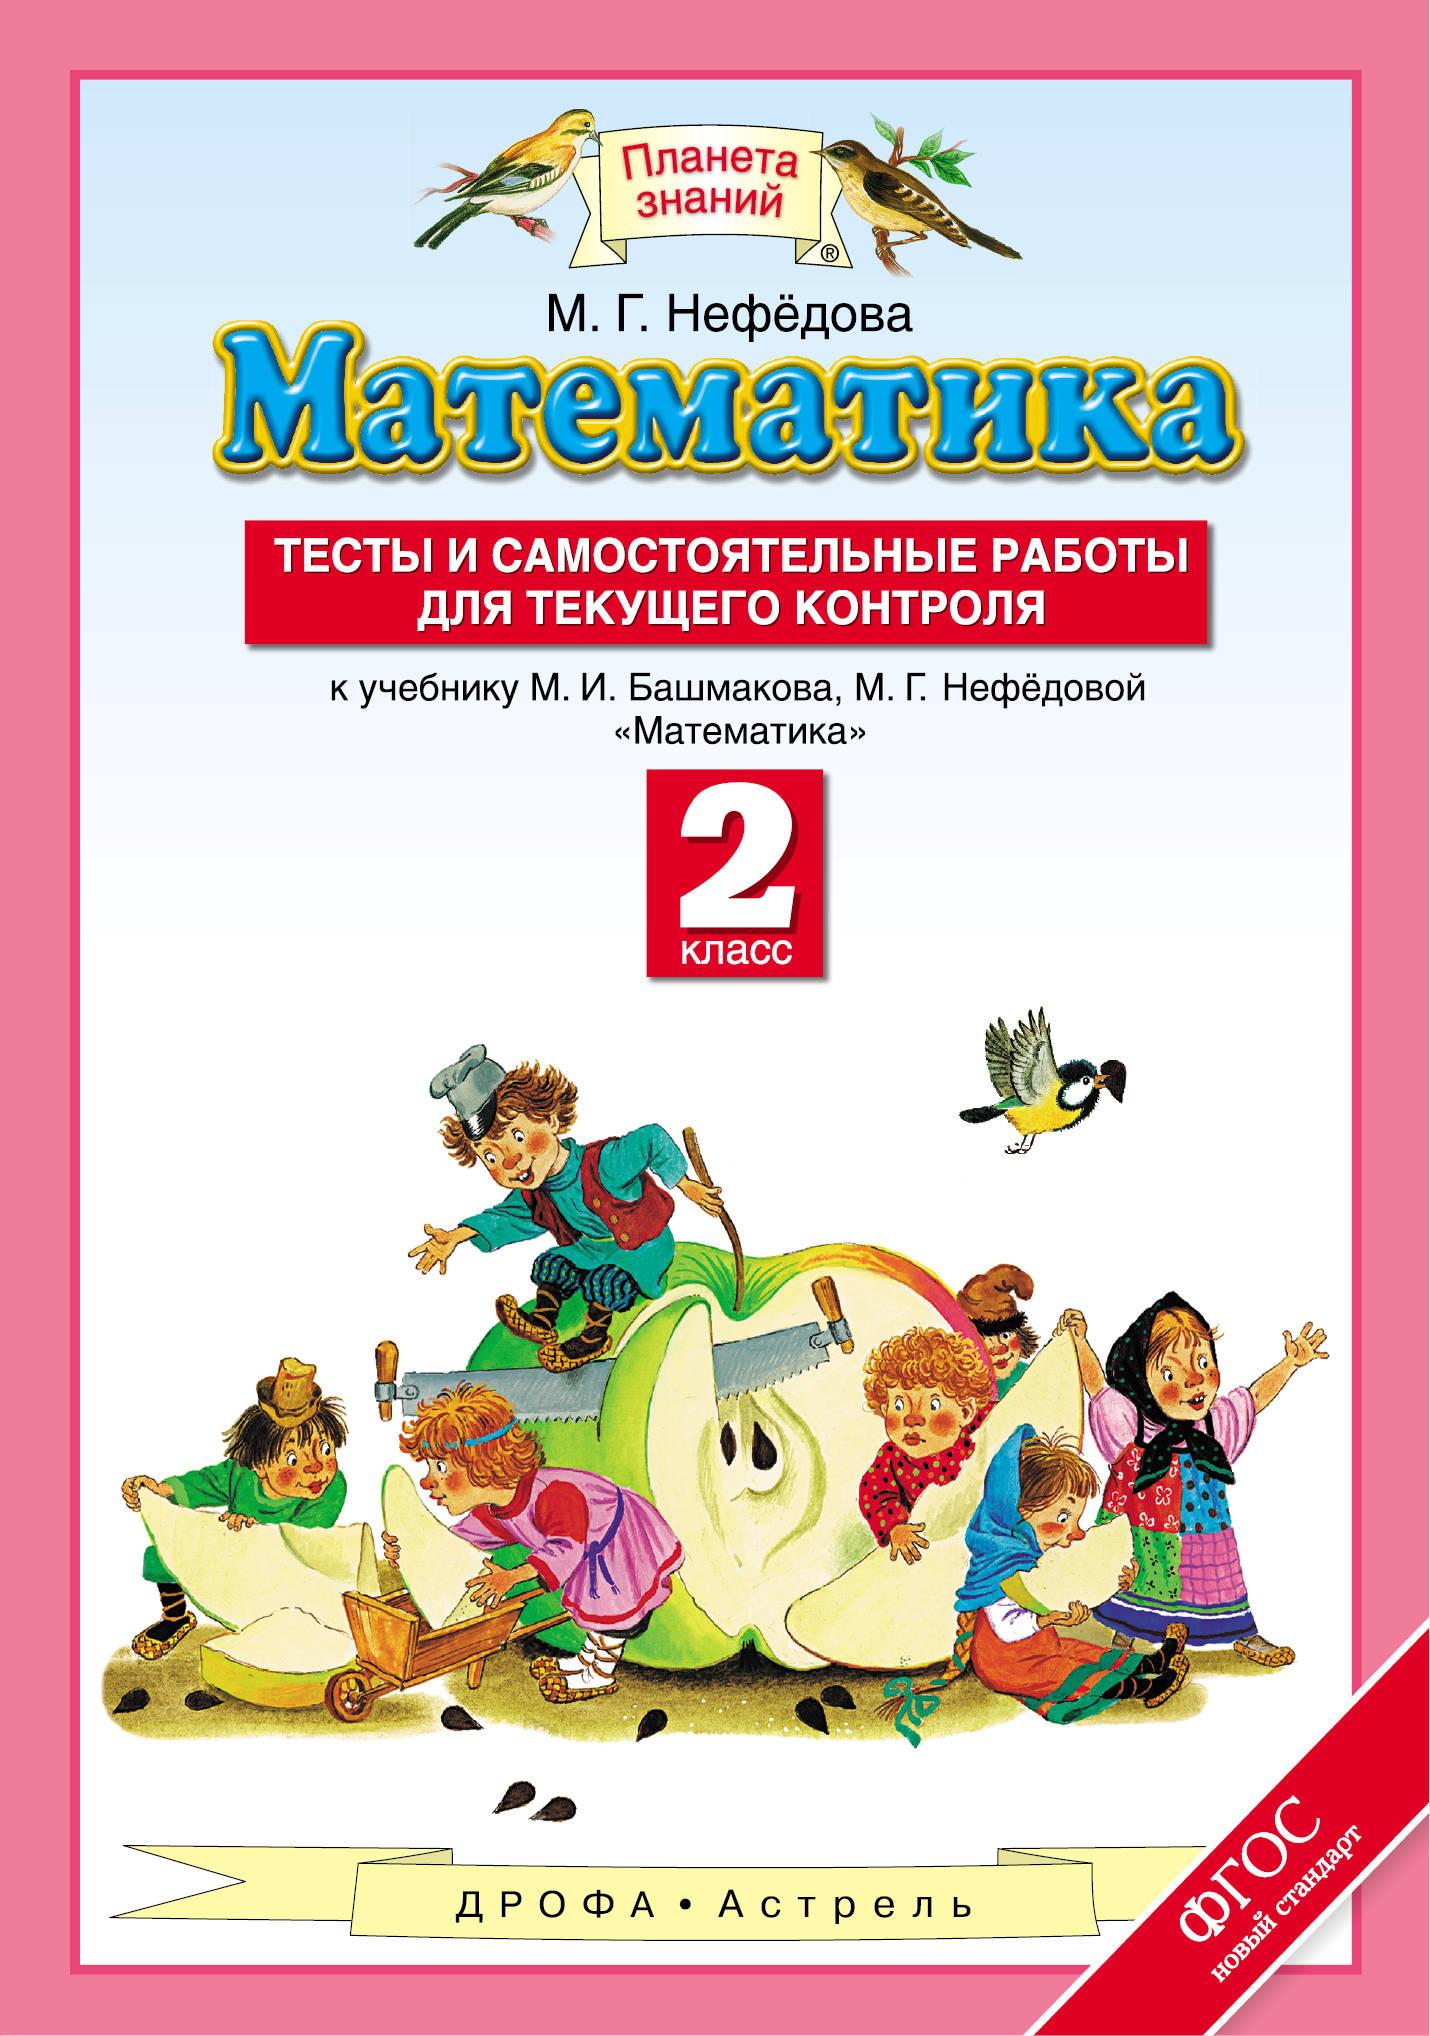 Математика. 2 класс. Тесты и самостоятельные работы для текущего контроля. К учебнику М. И. Башмакова, М. Г. Нефедовой